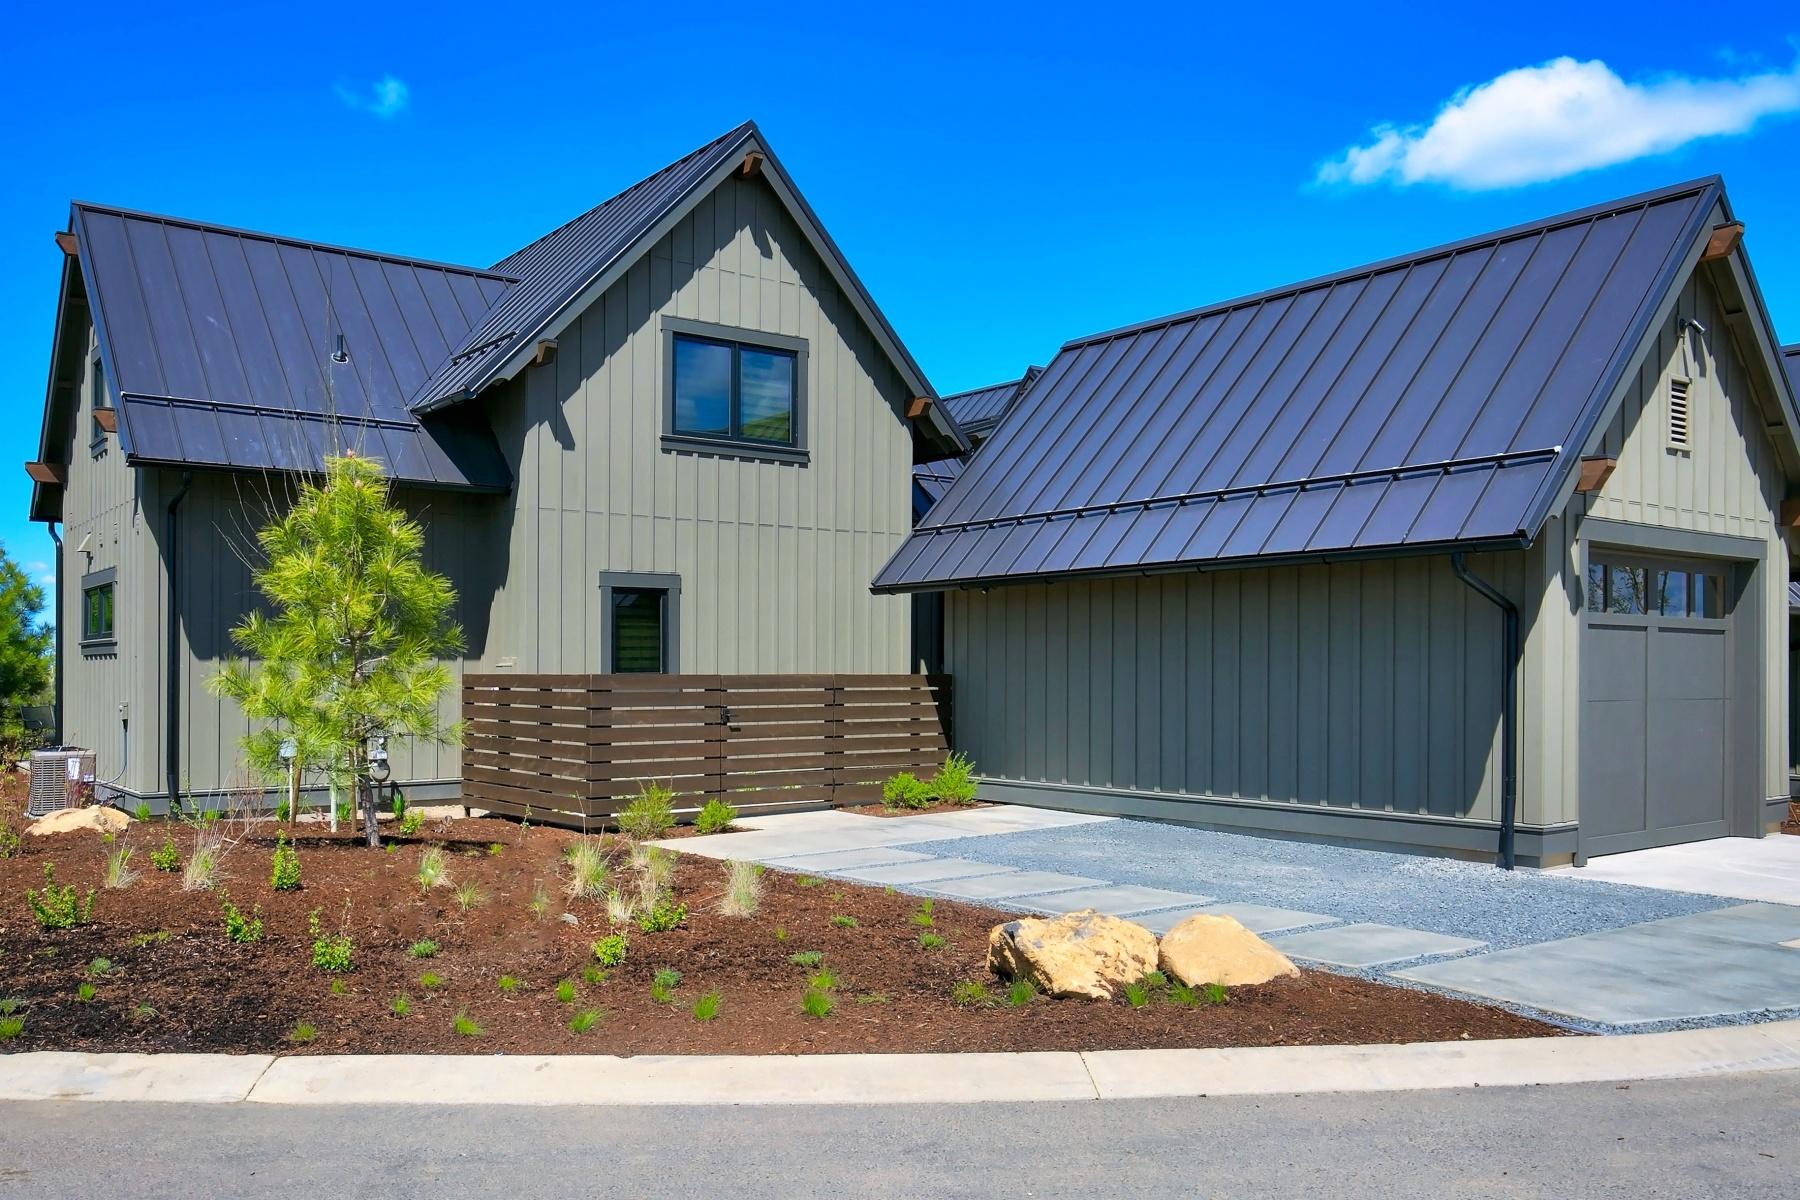 独户住宅 为 销售 在 19379 Blue Bucket Lane 20, BEND 19379 Blue Bucket Ln 20 本德, 俄勒冈州, 97702 美国